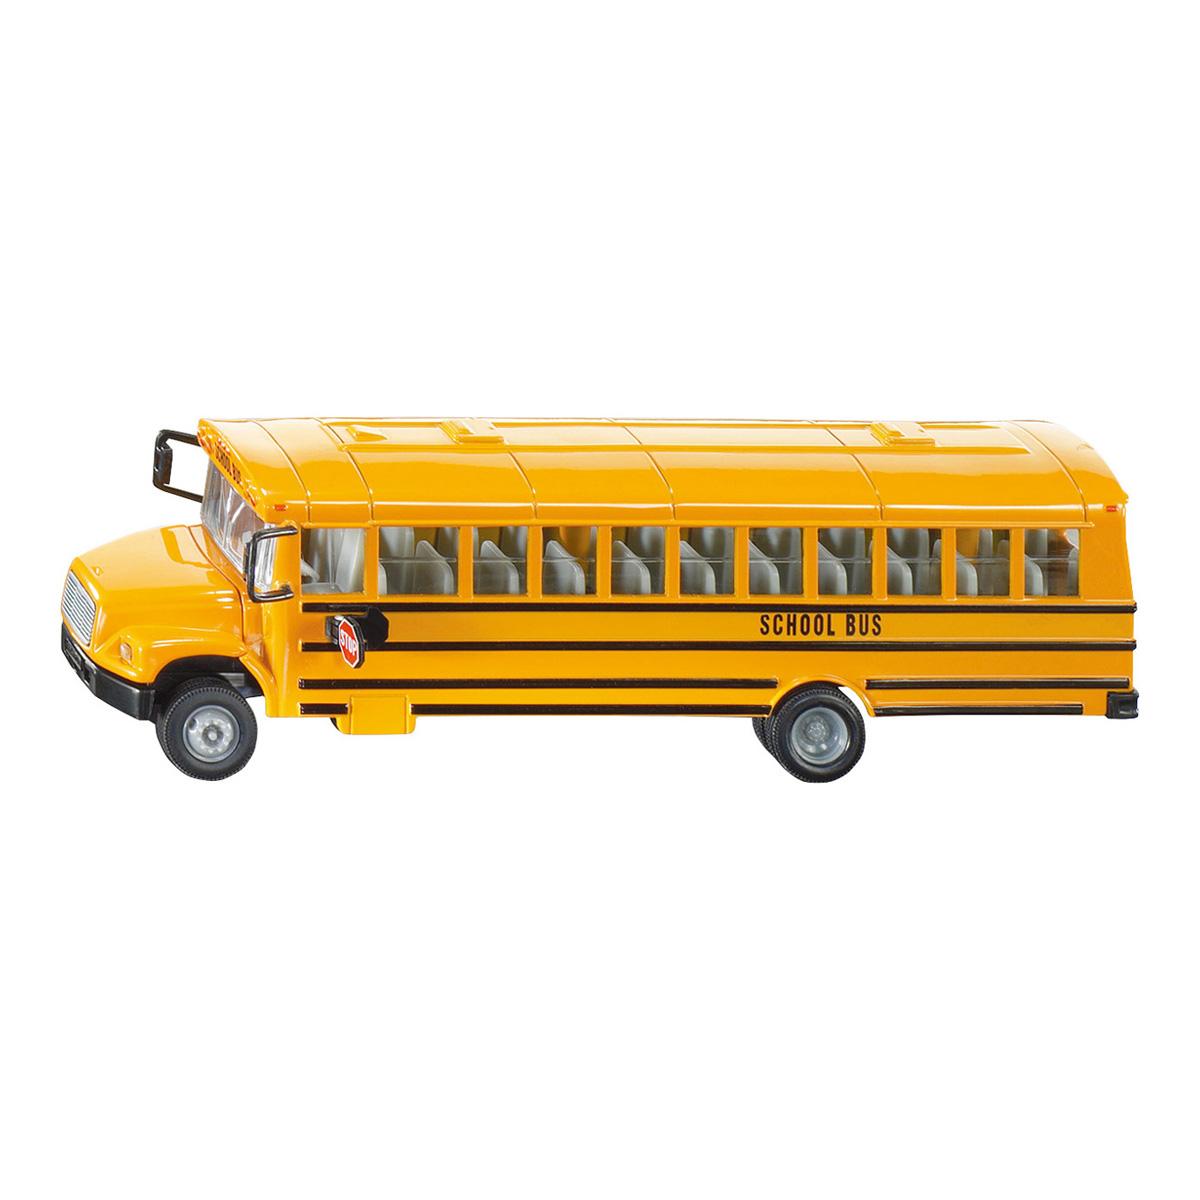 US スクールバス 1:55(ジク・SIKU)